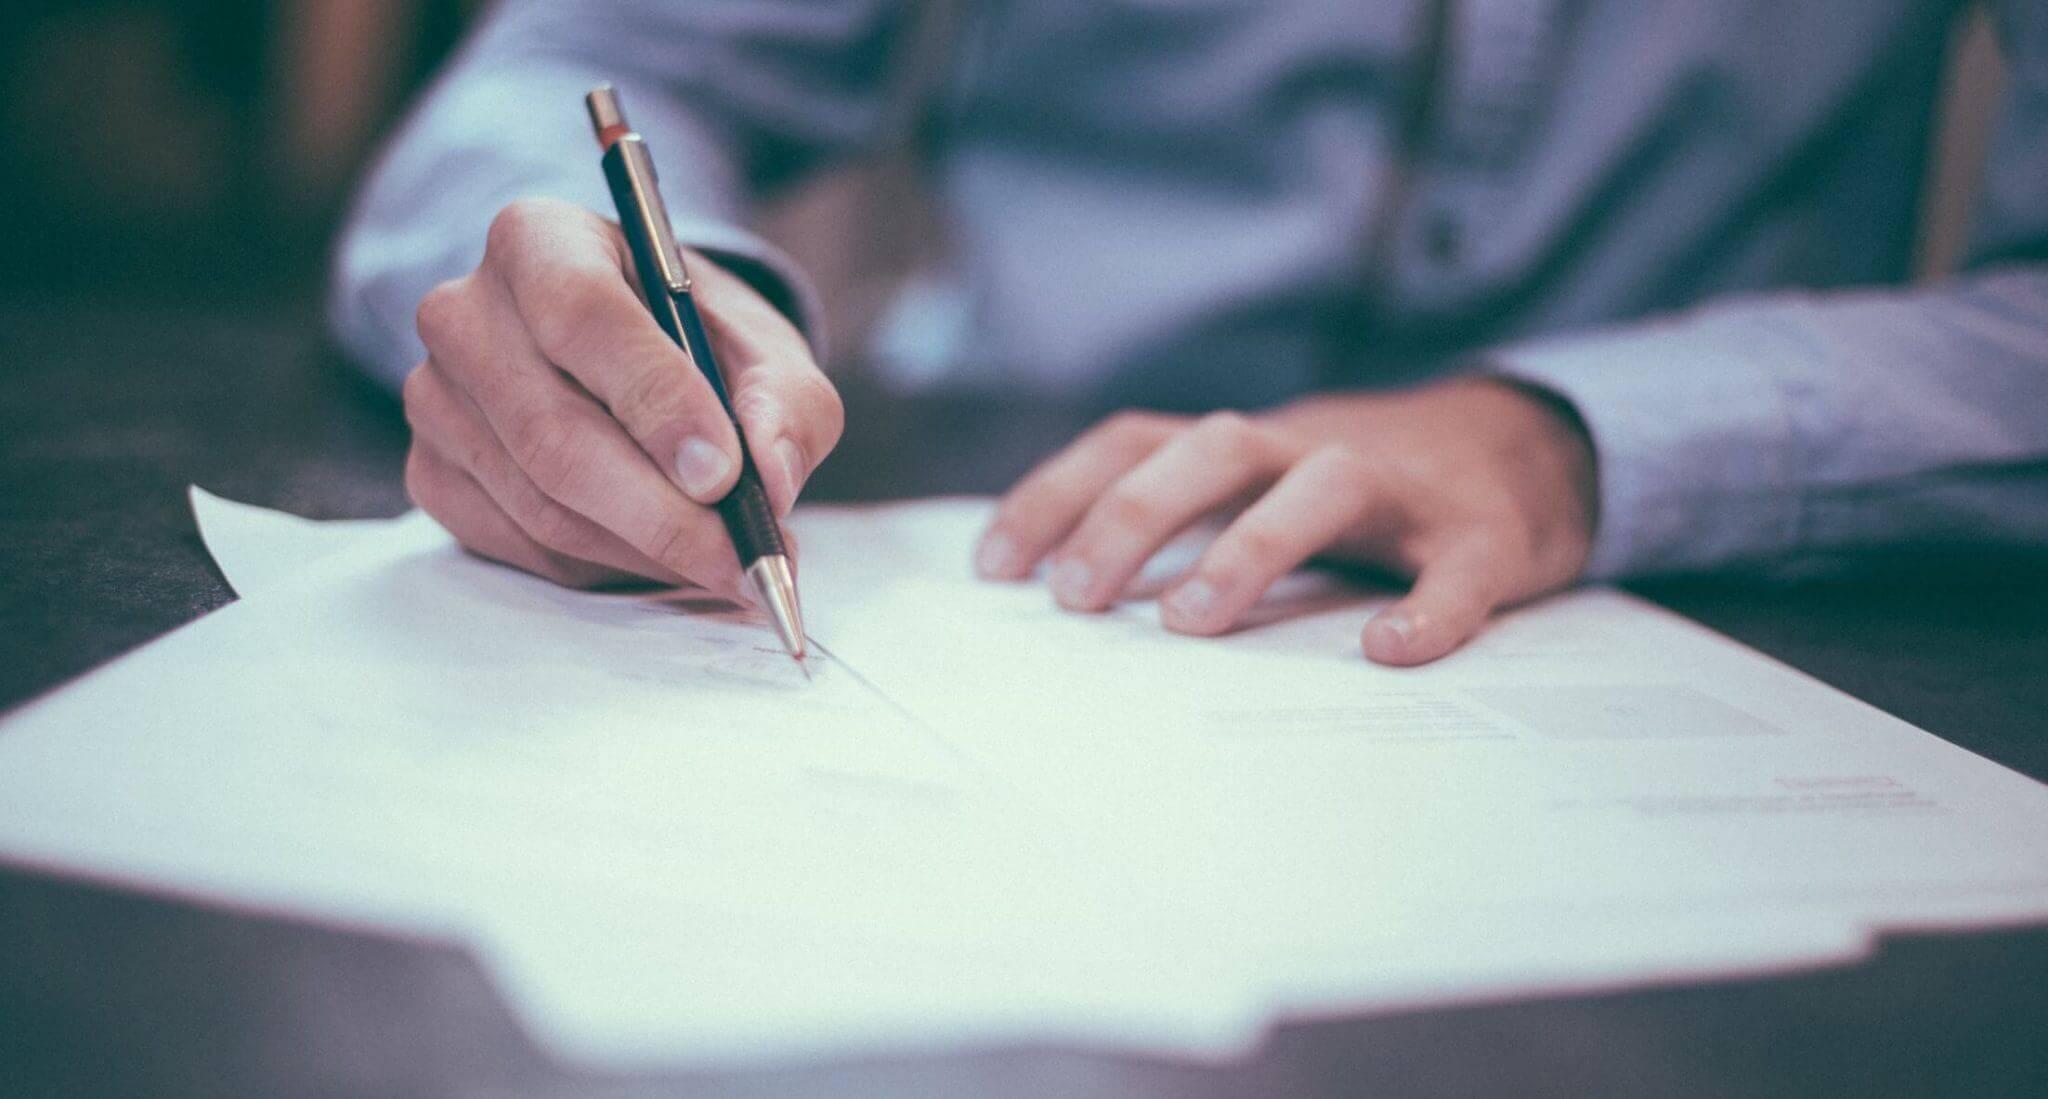 Dokument, der kunne være en hensigtserklæring